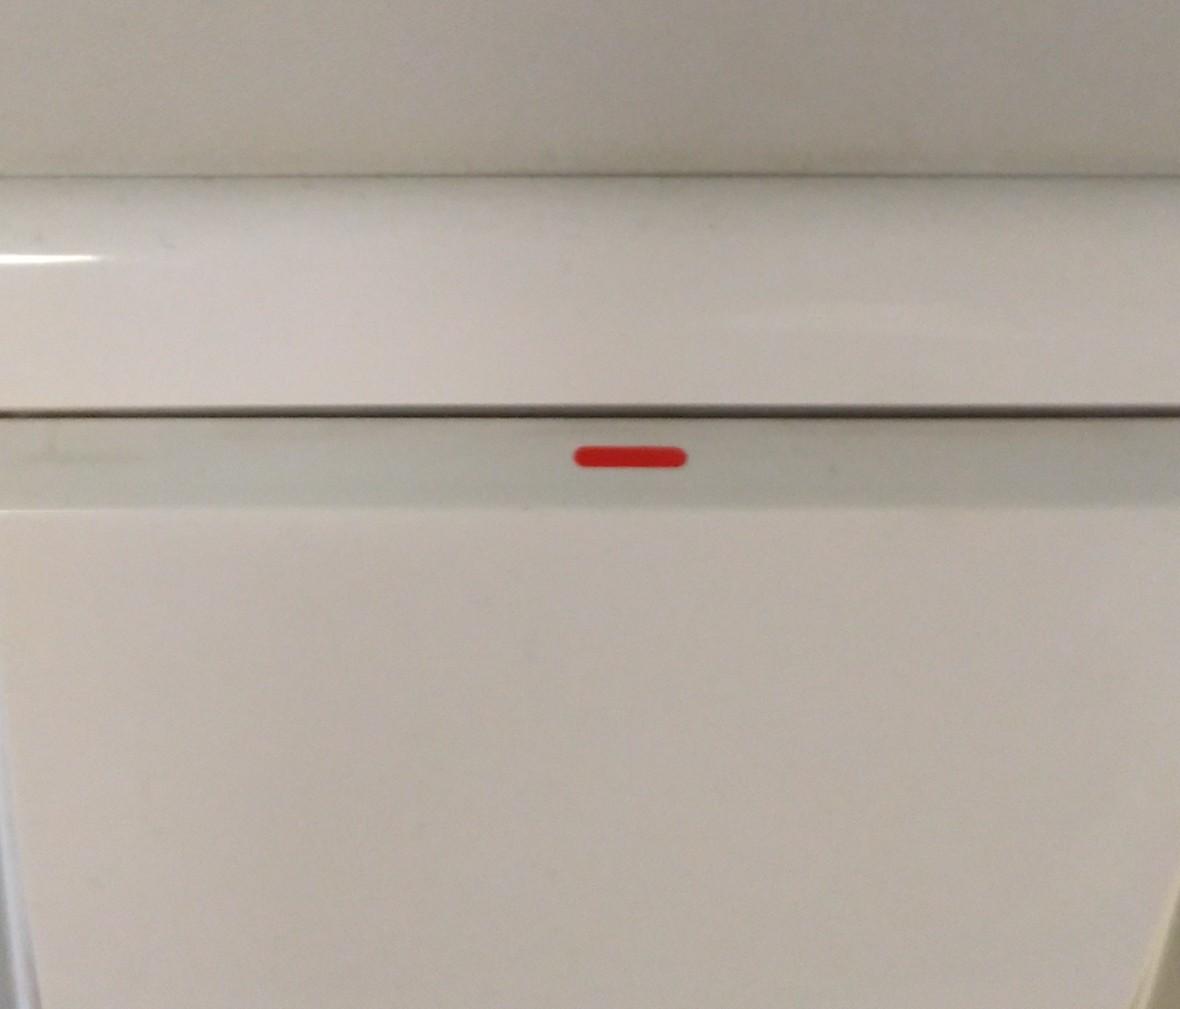 松下灯饰 佳典纯系列 单开开关 耐高温 防漏电 PC材质 细节